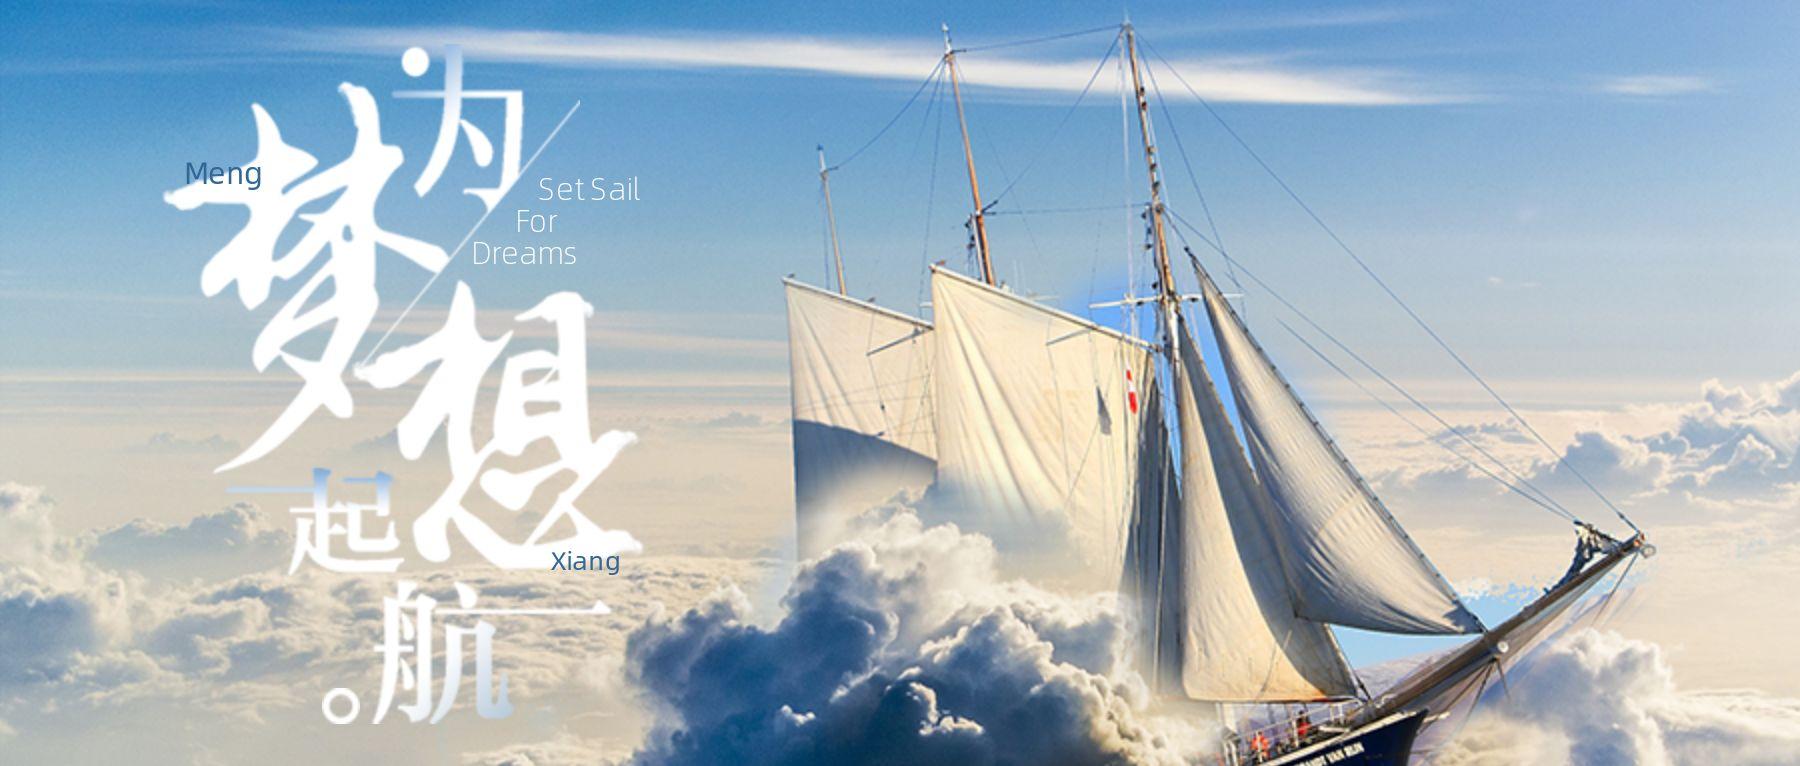 创意蓝色扬帆远航为梦想起航励志正能量朋友圈早安日签微信公众号封面大图